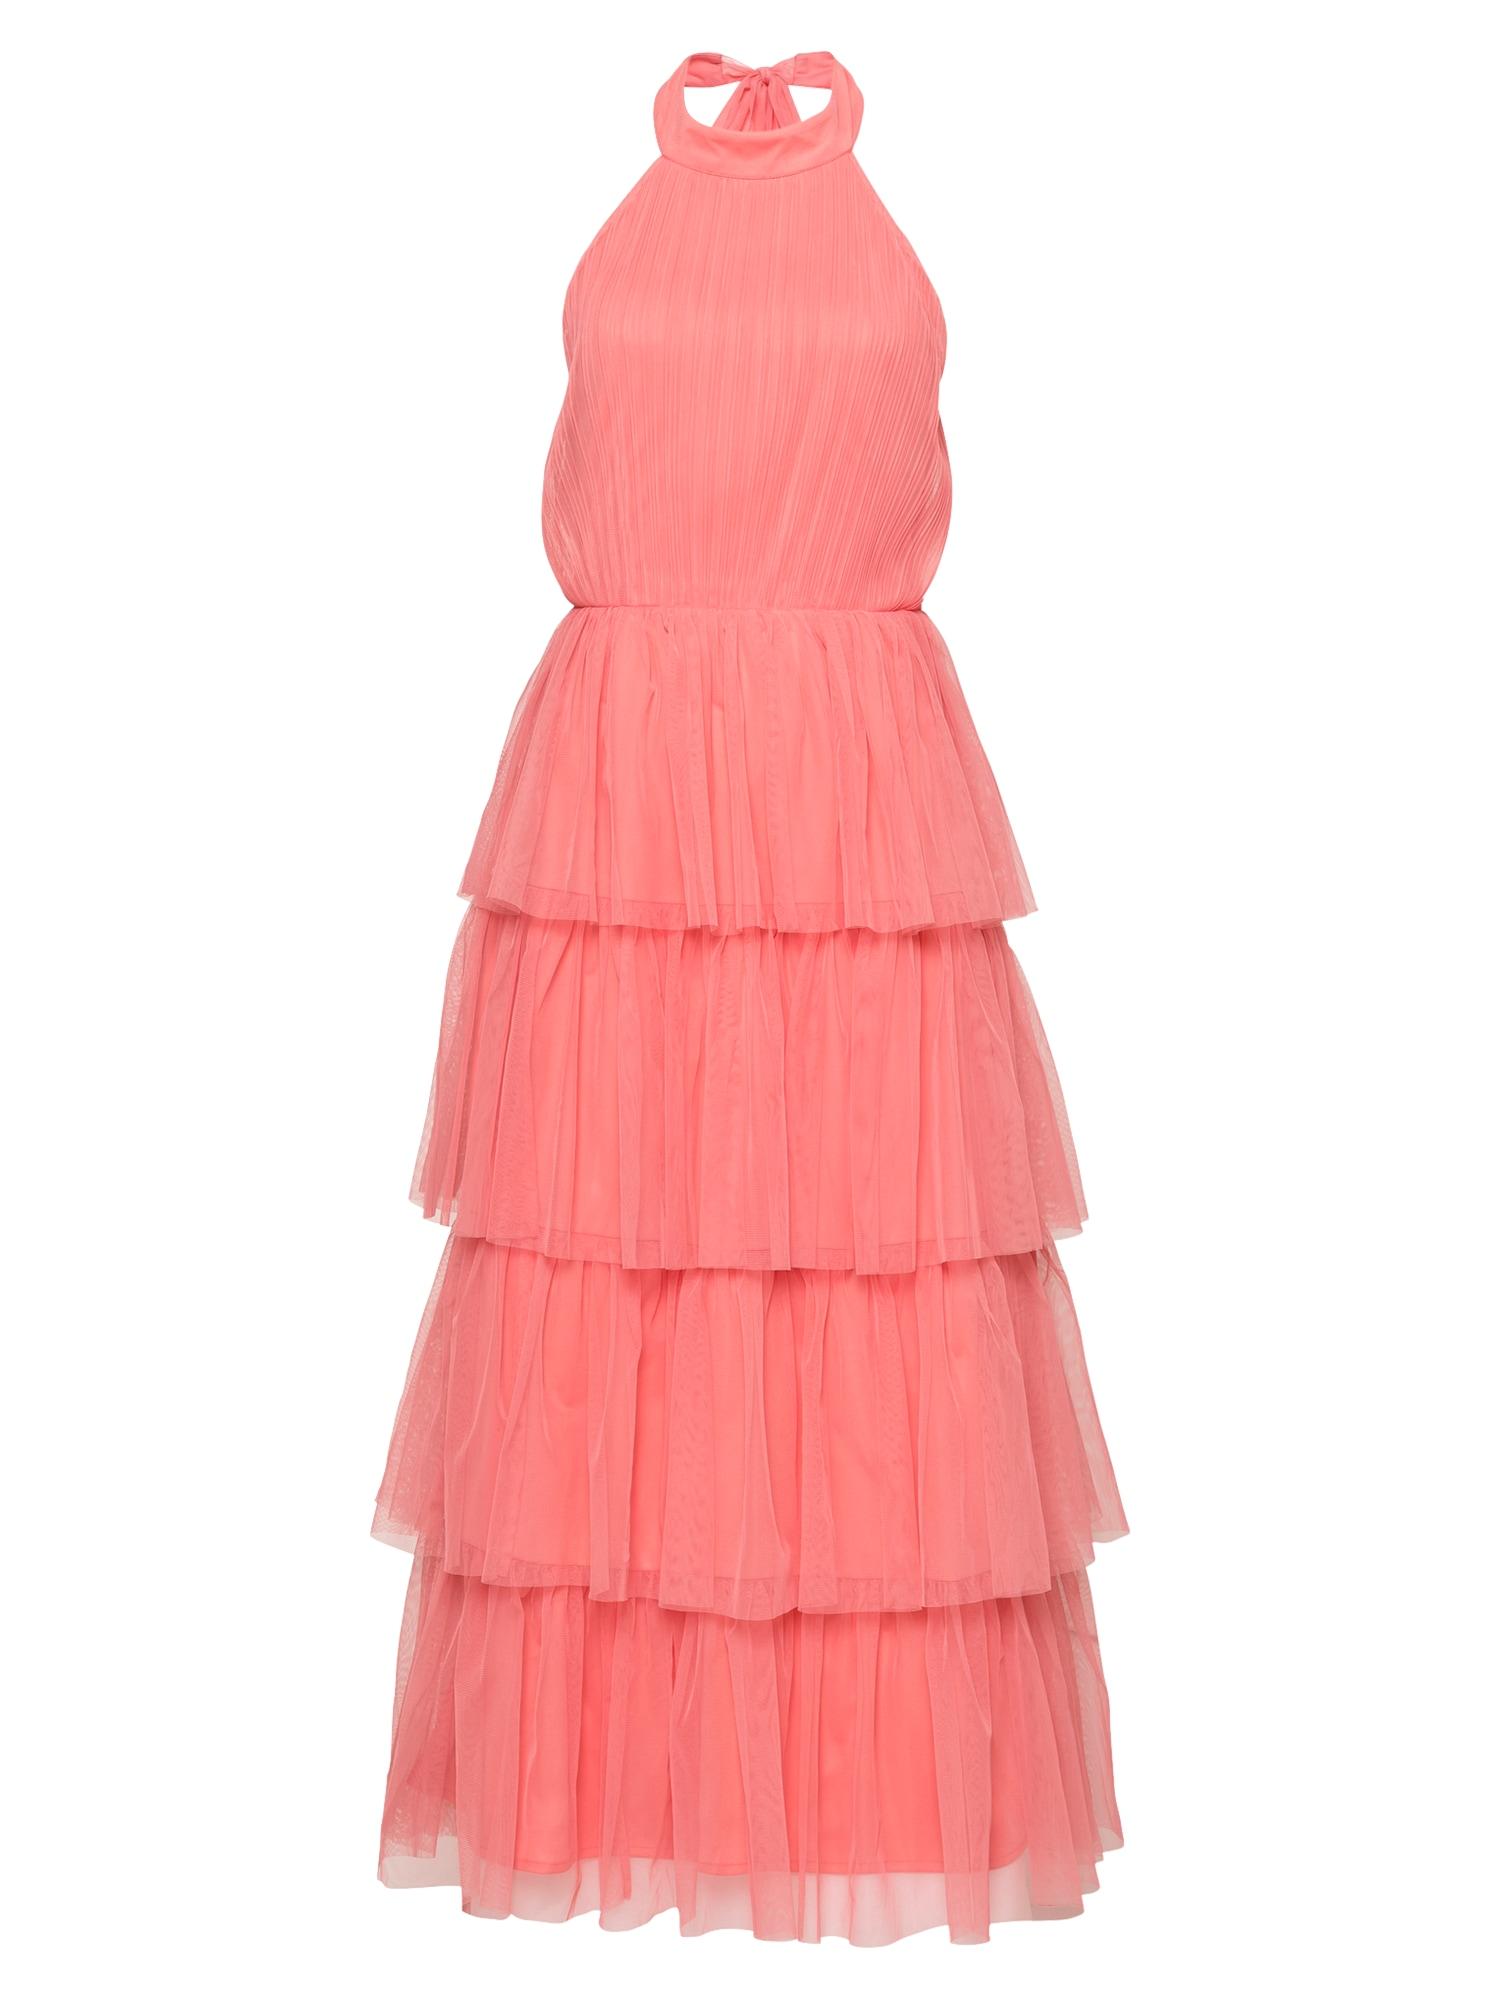 Maya Deluxe Suknelė